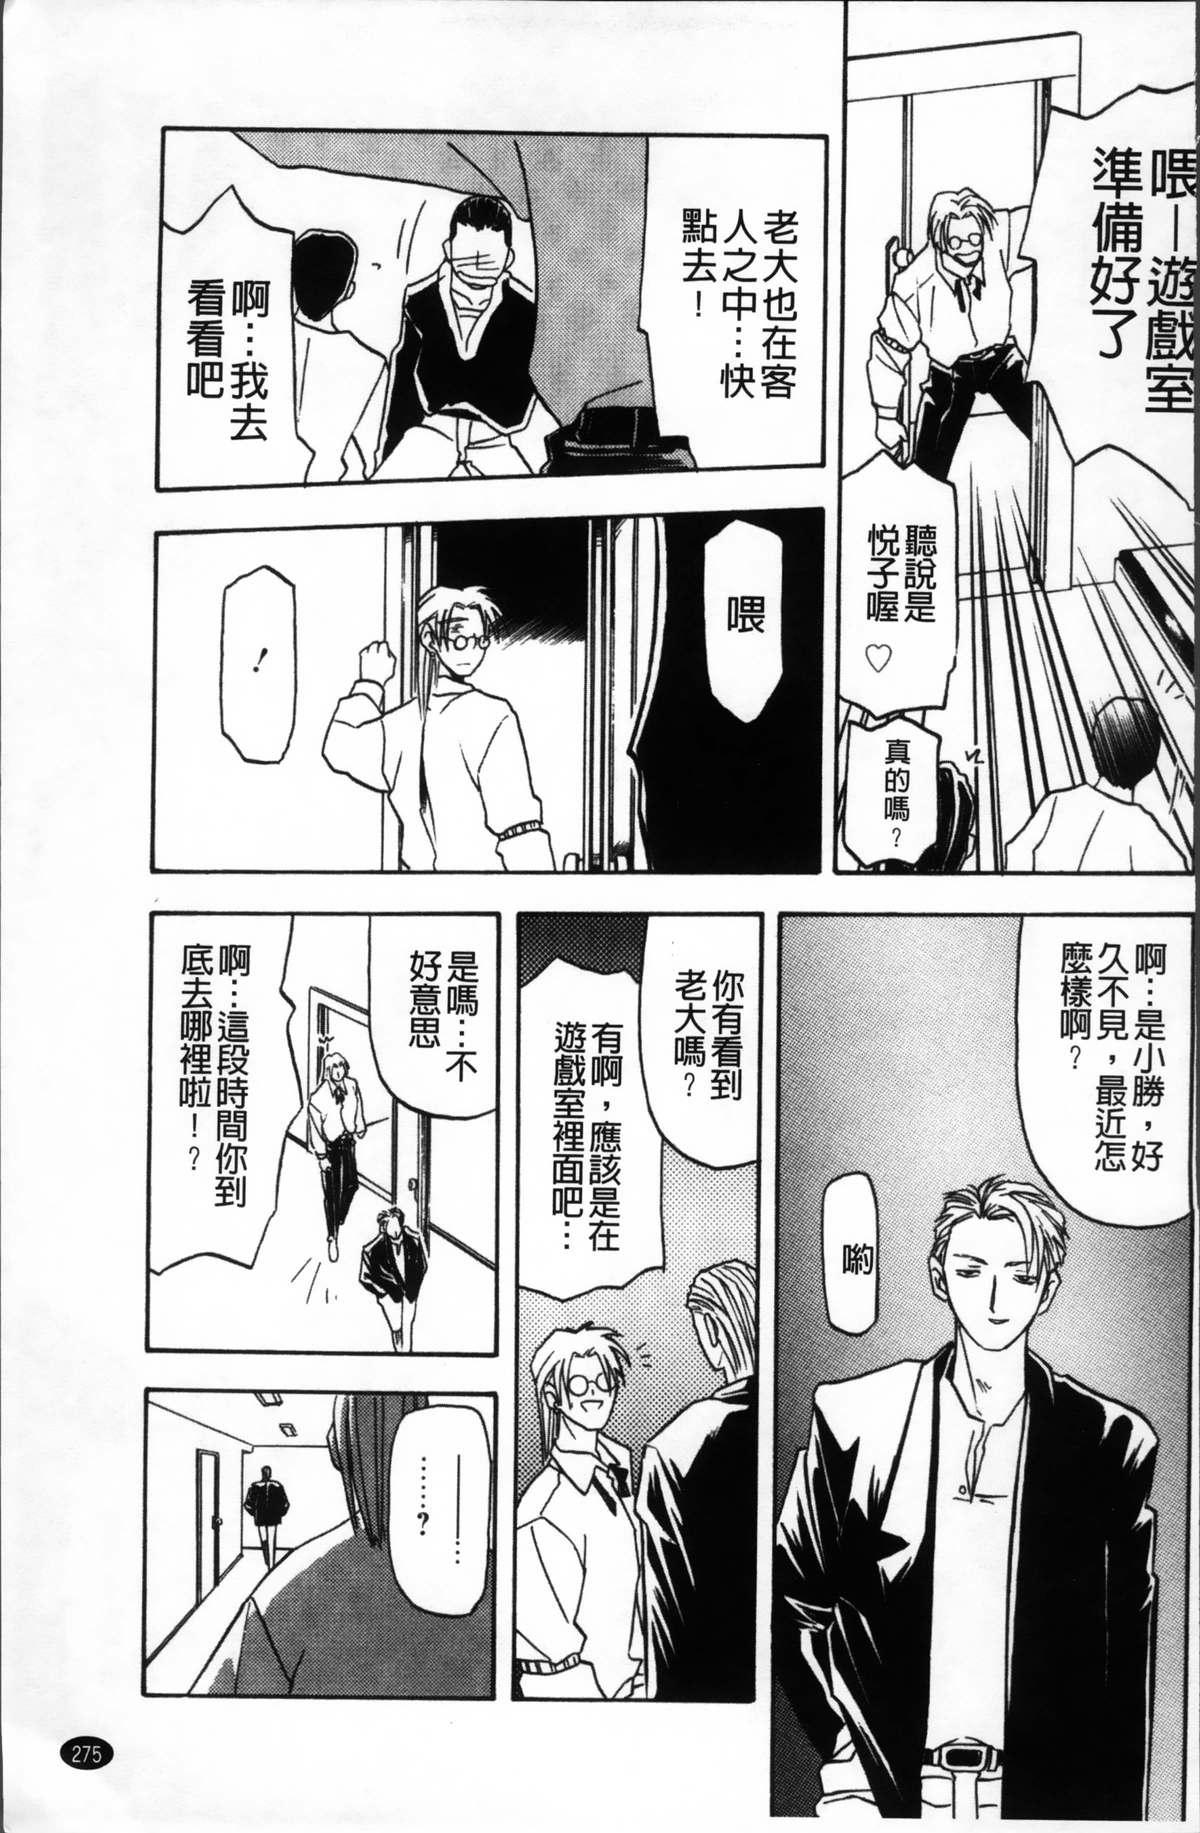 Hiiro no Koku Kanzenban   緋色之刻 完全版 278